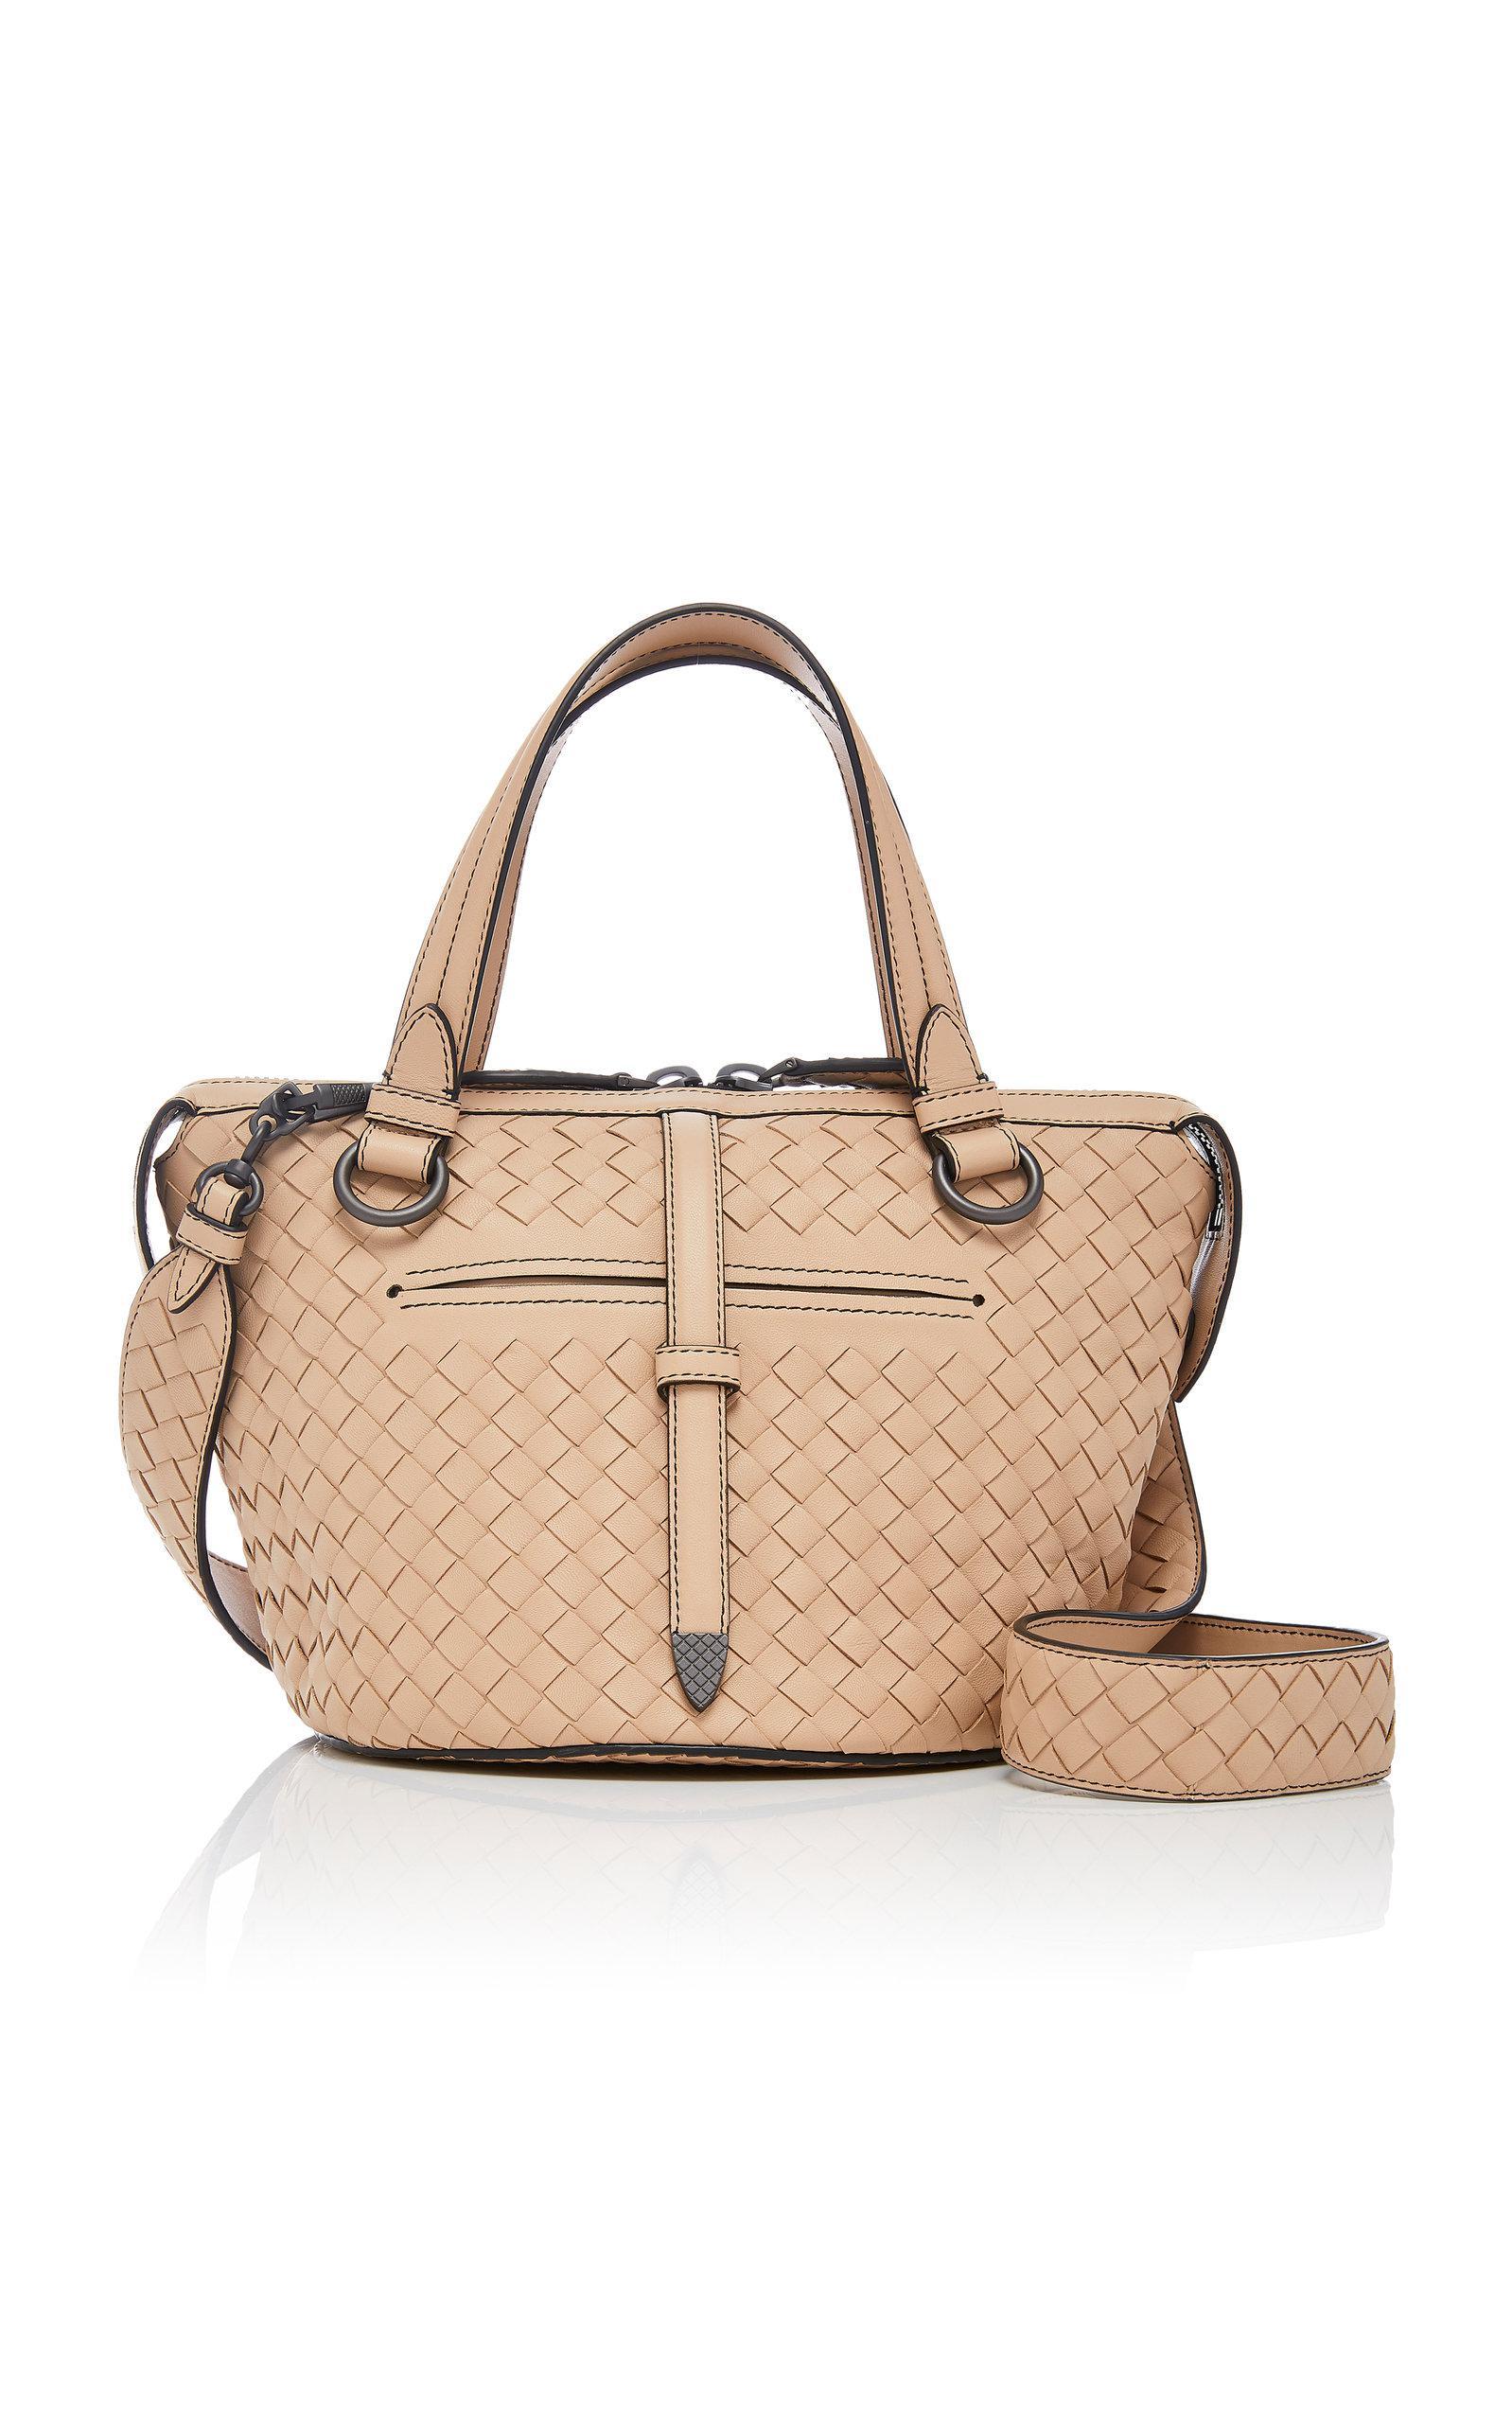 Bottega Veneta Small Tambura Intrecciato Leather Tote in White - Lyst fd8330683e77b